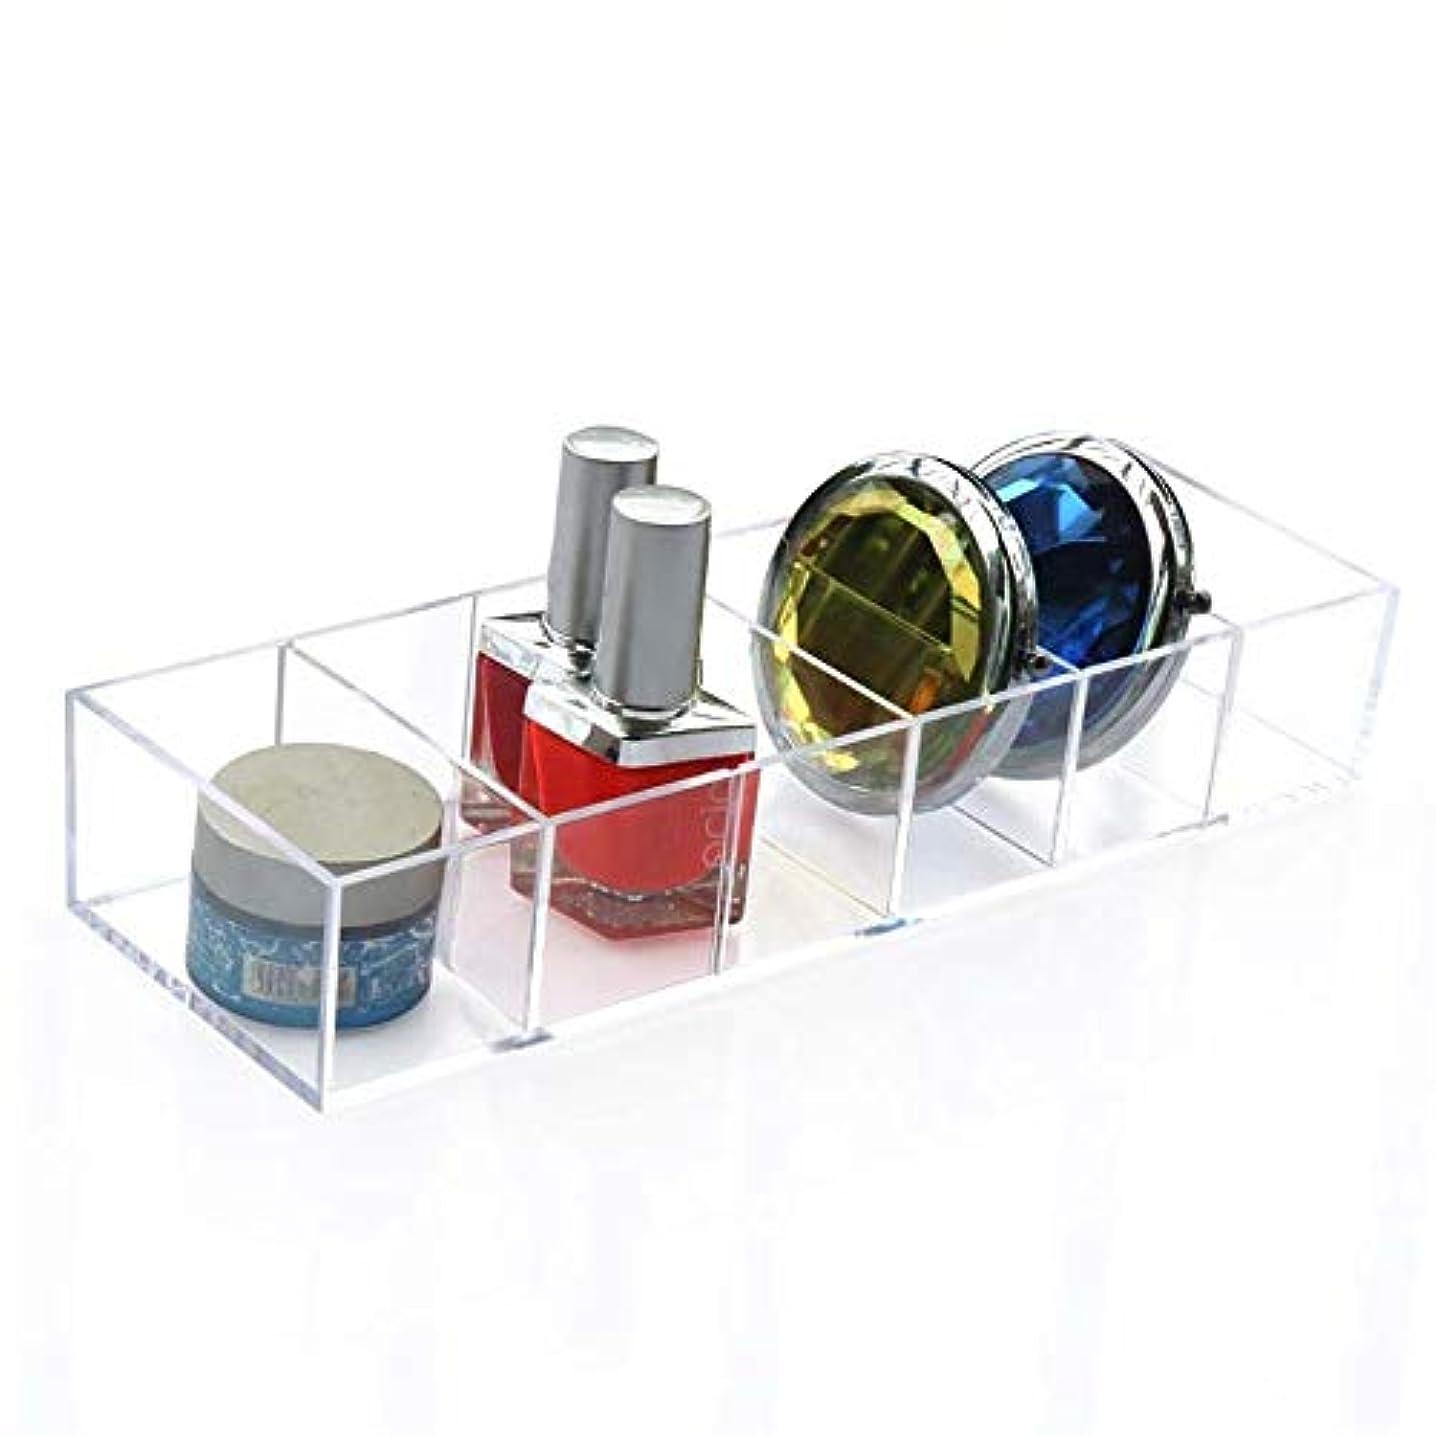 伝染性のシミュレートする週間整理簡単 シンプル6スロットアクリルフェイスパウダー口紅ホルダー化粧ケース収納オーガナイザーボックス (Color : Clear, Size : 25.5*8.6*4.4CM)